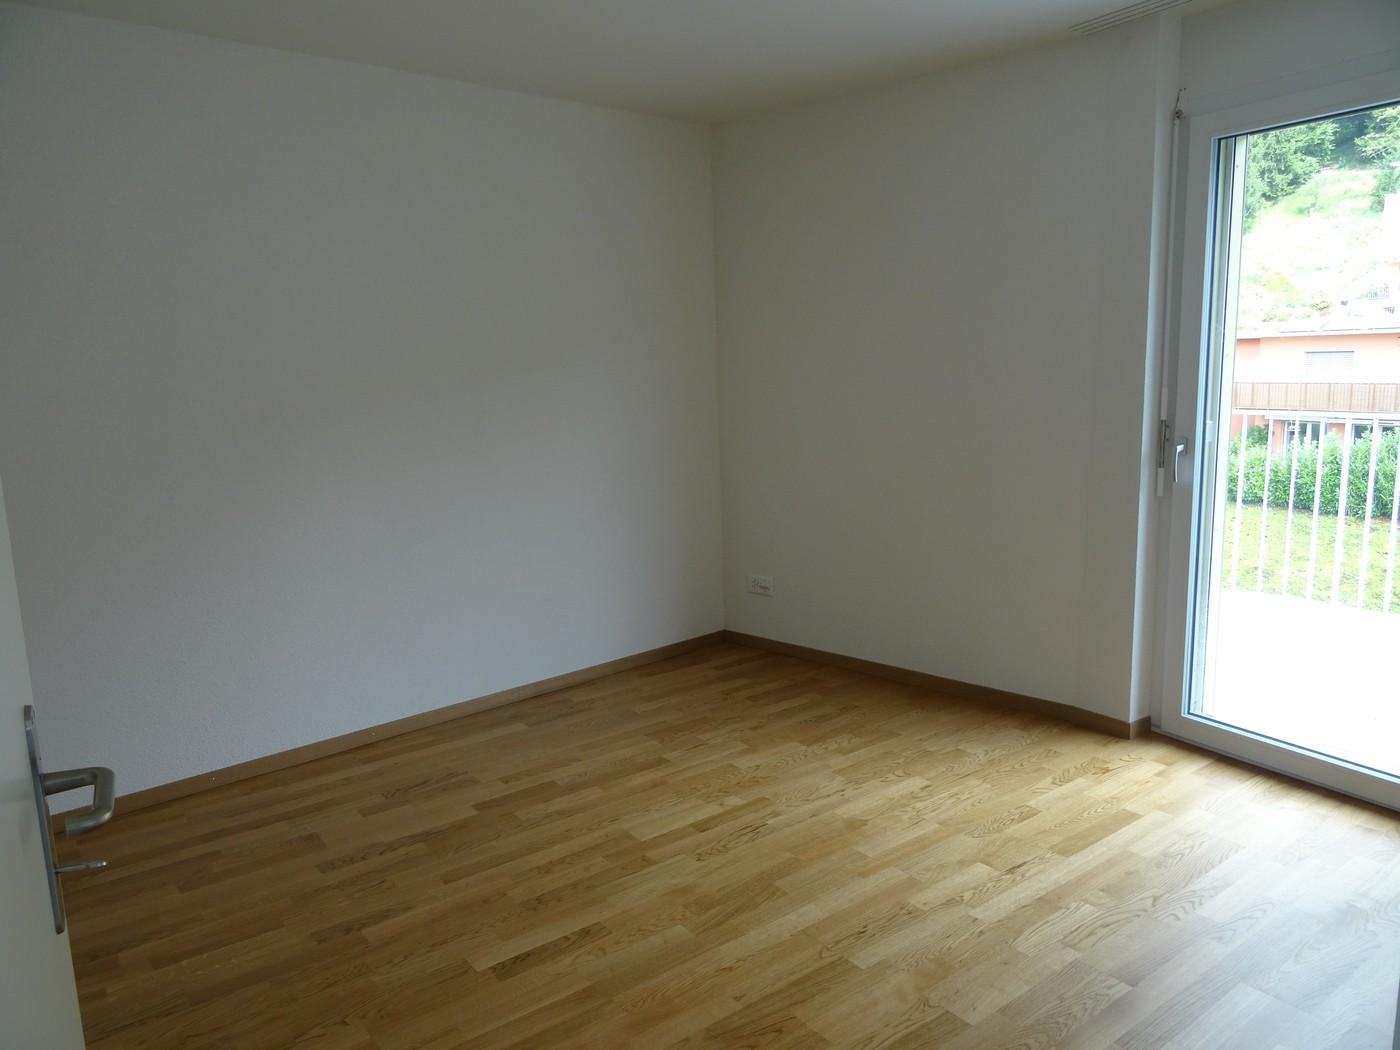 3 zimmer wohnung in winterthur mieten flatfox for Wohnung in mieten